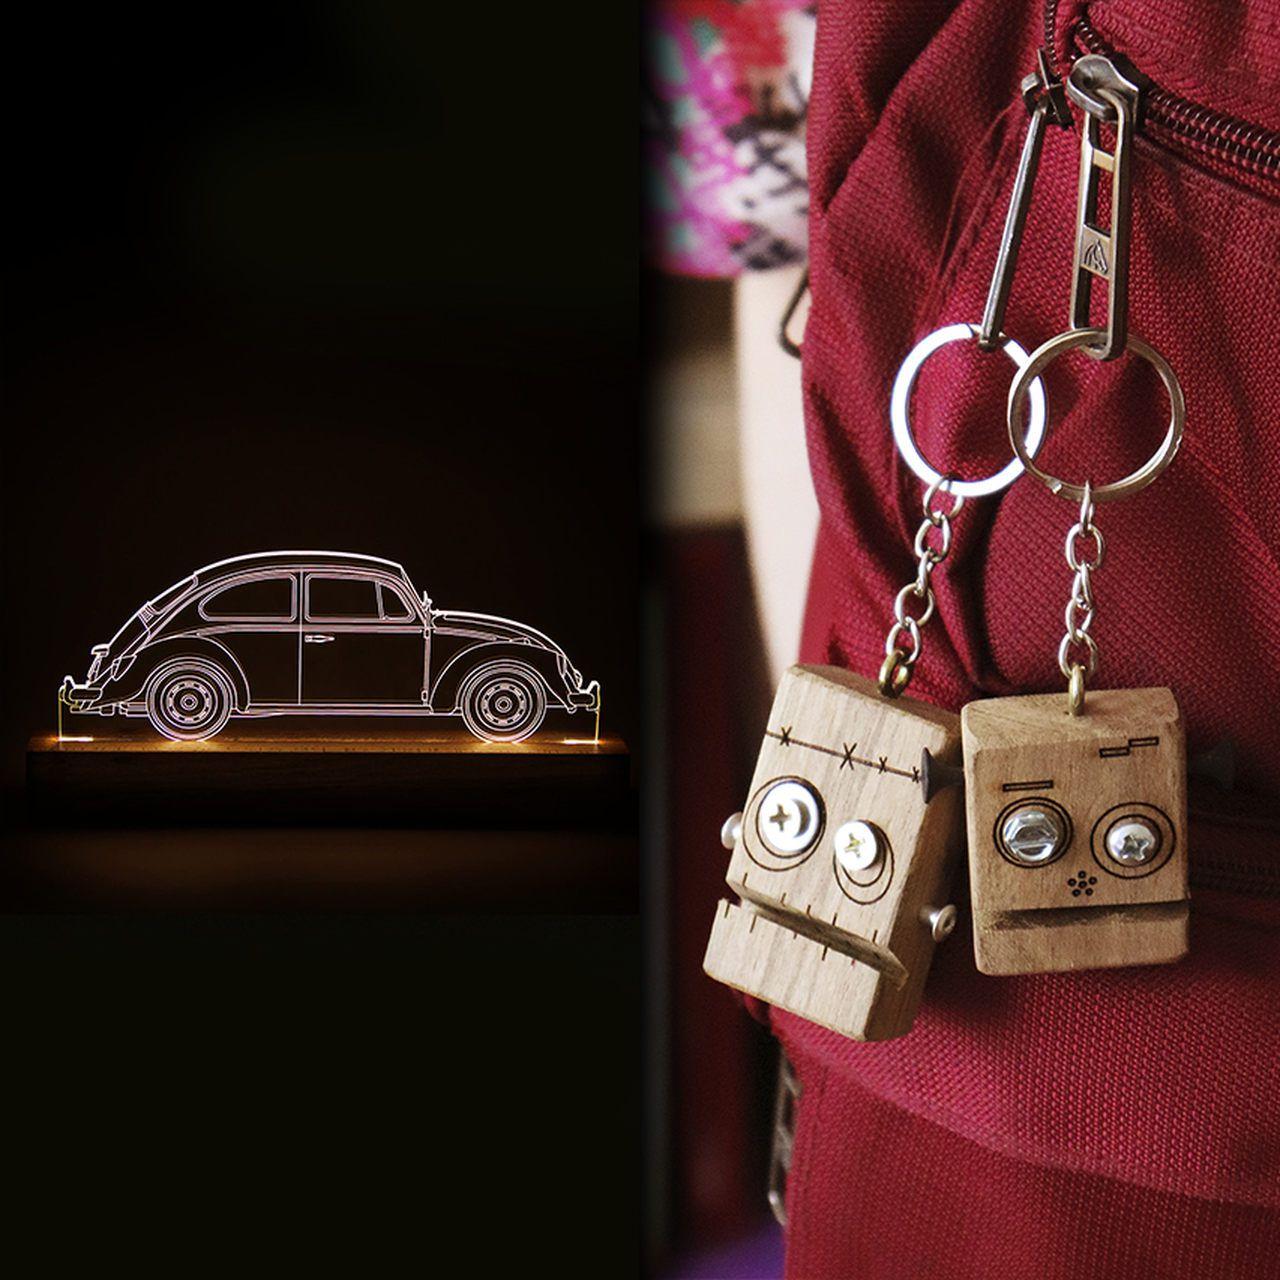 Kit Dia dos Namorados - 1 luminária Fusca + 2 chaveiros